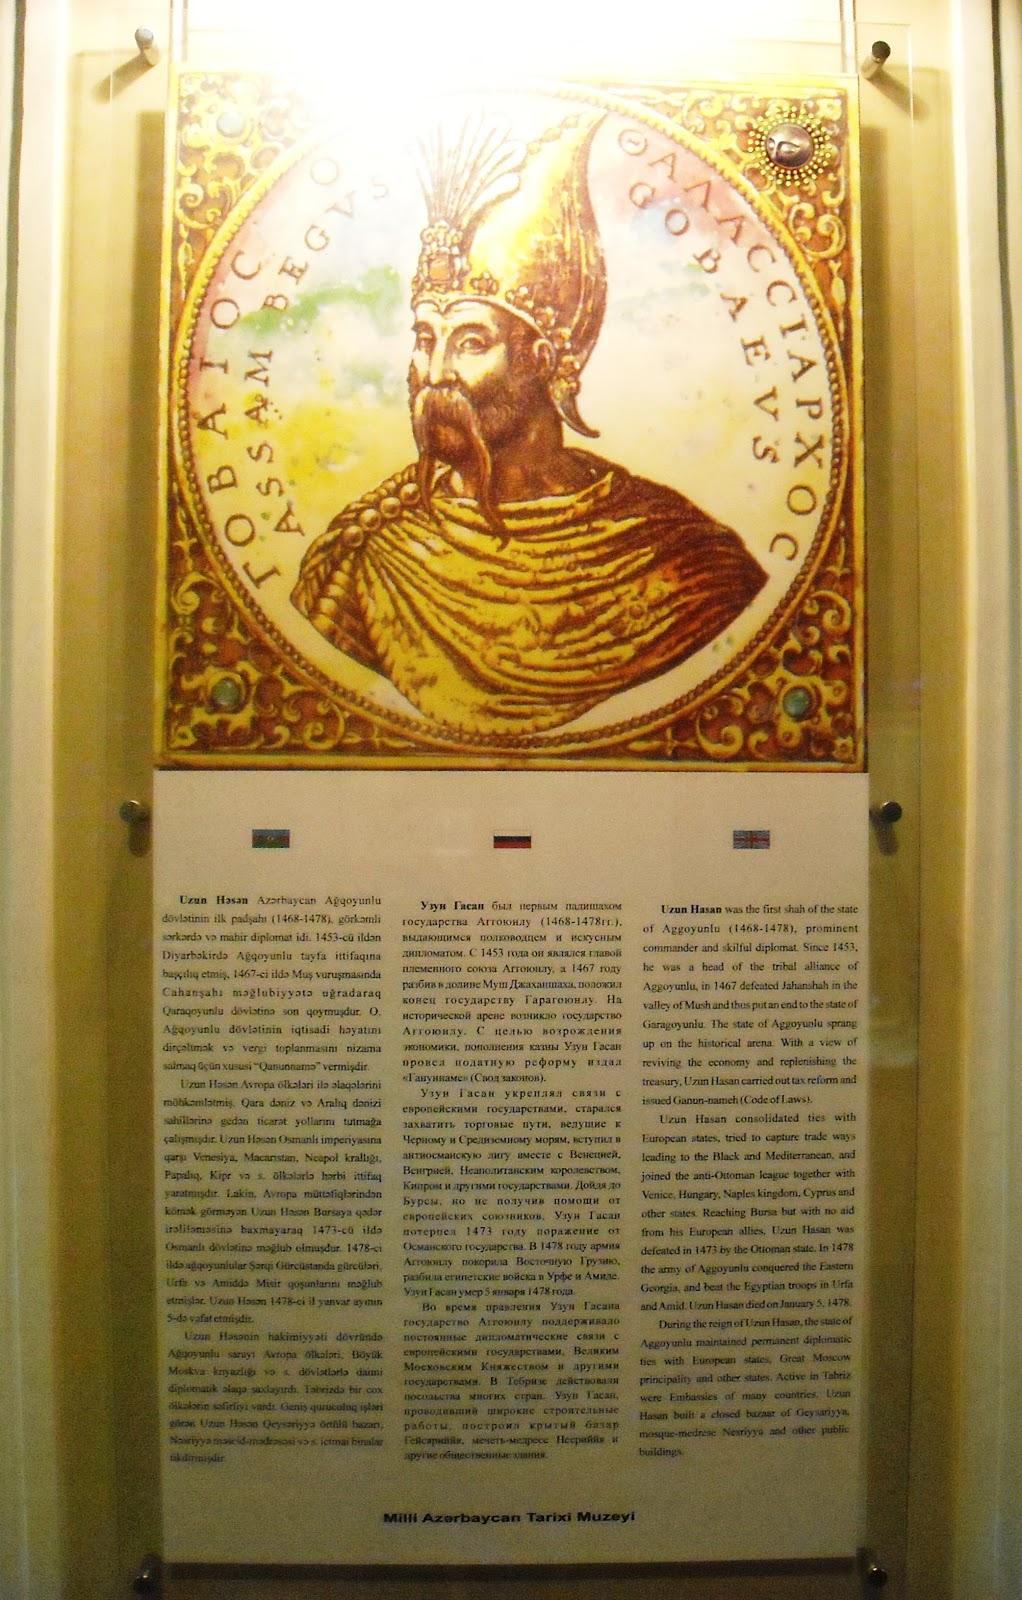 Πορτραίτο του uzun hasan (γοβαίος ο